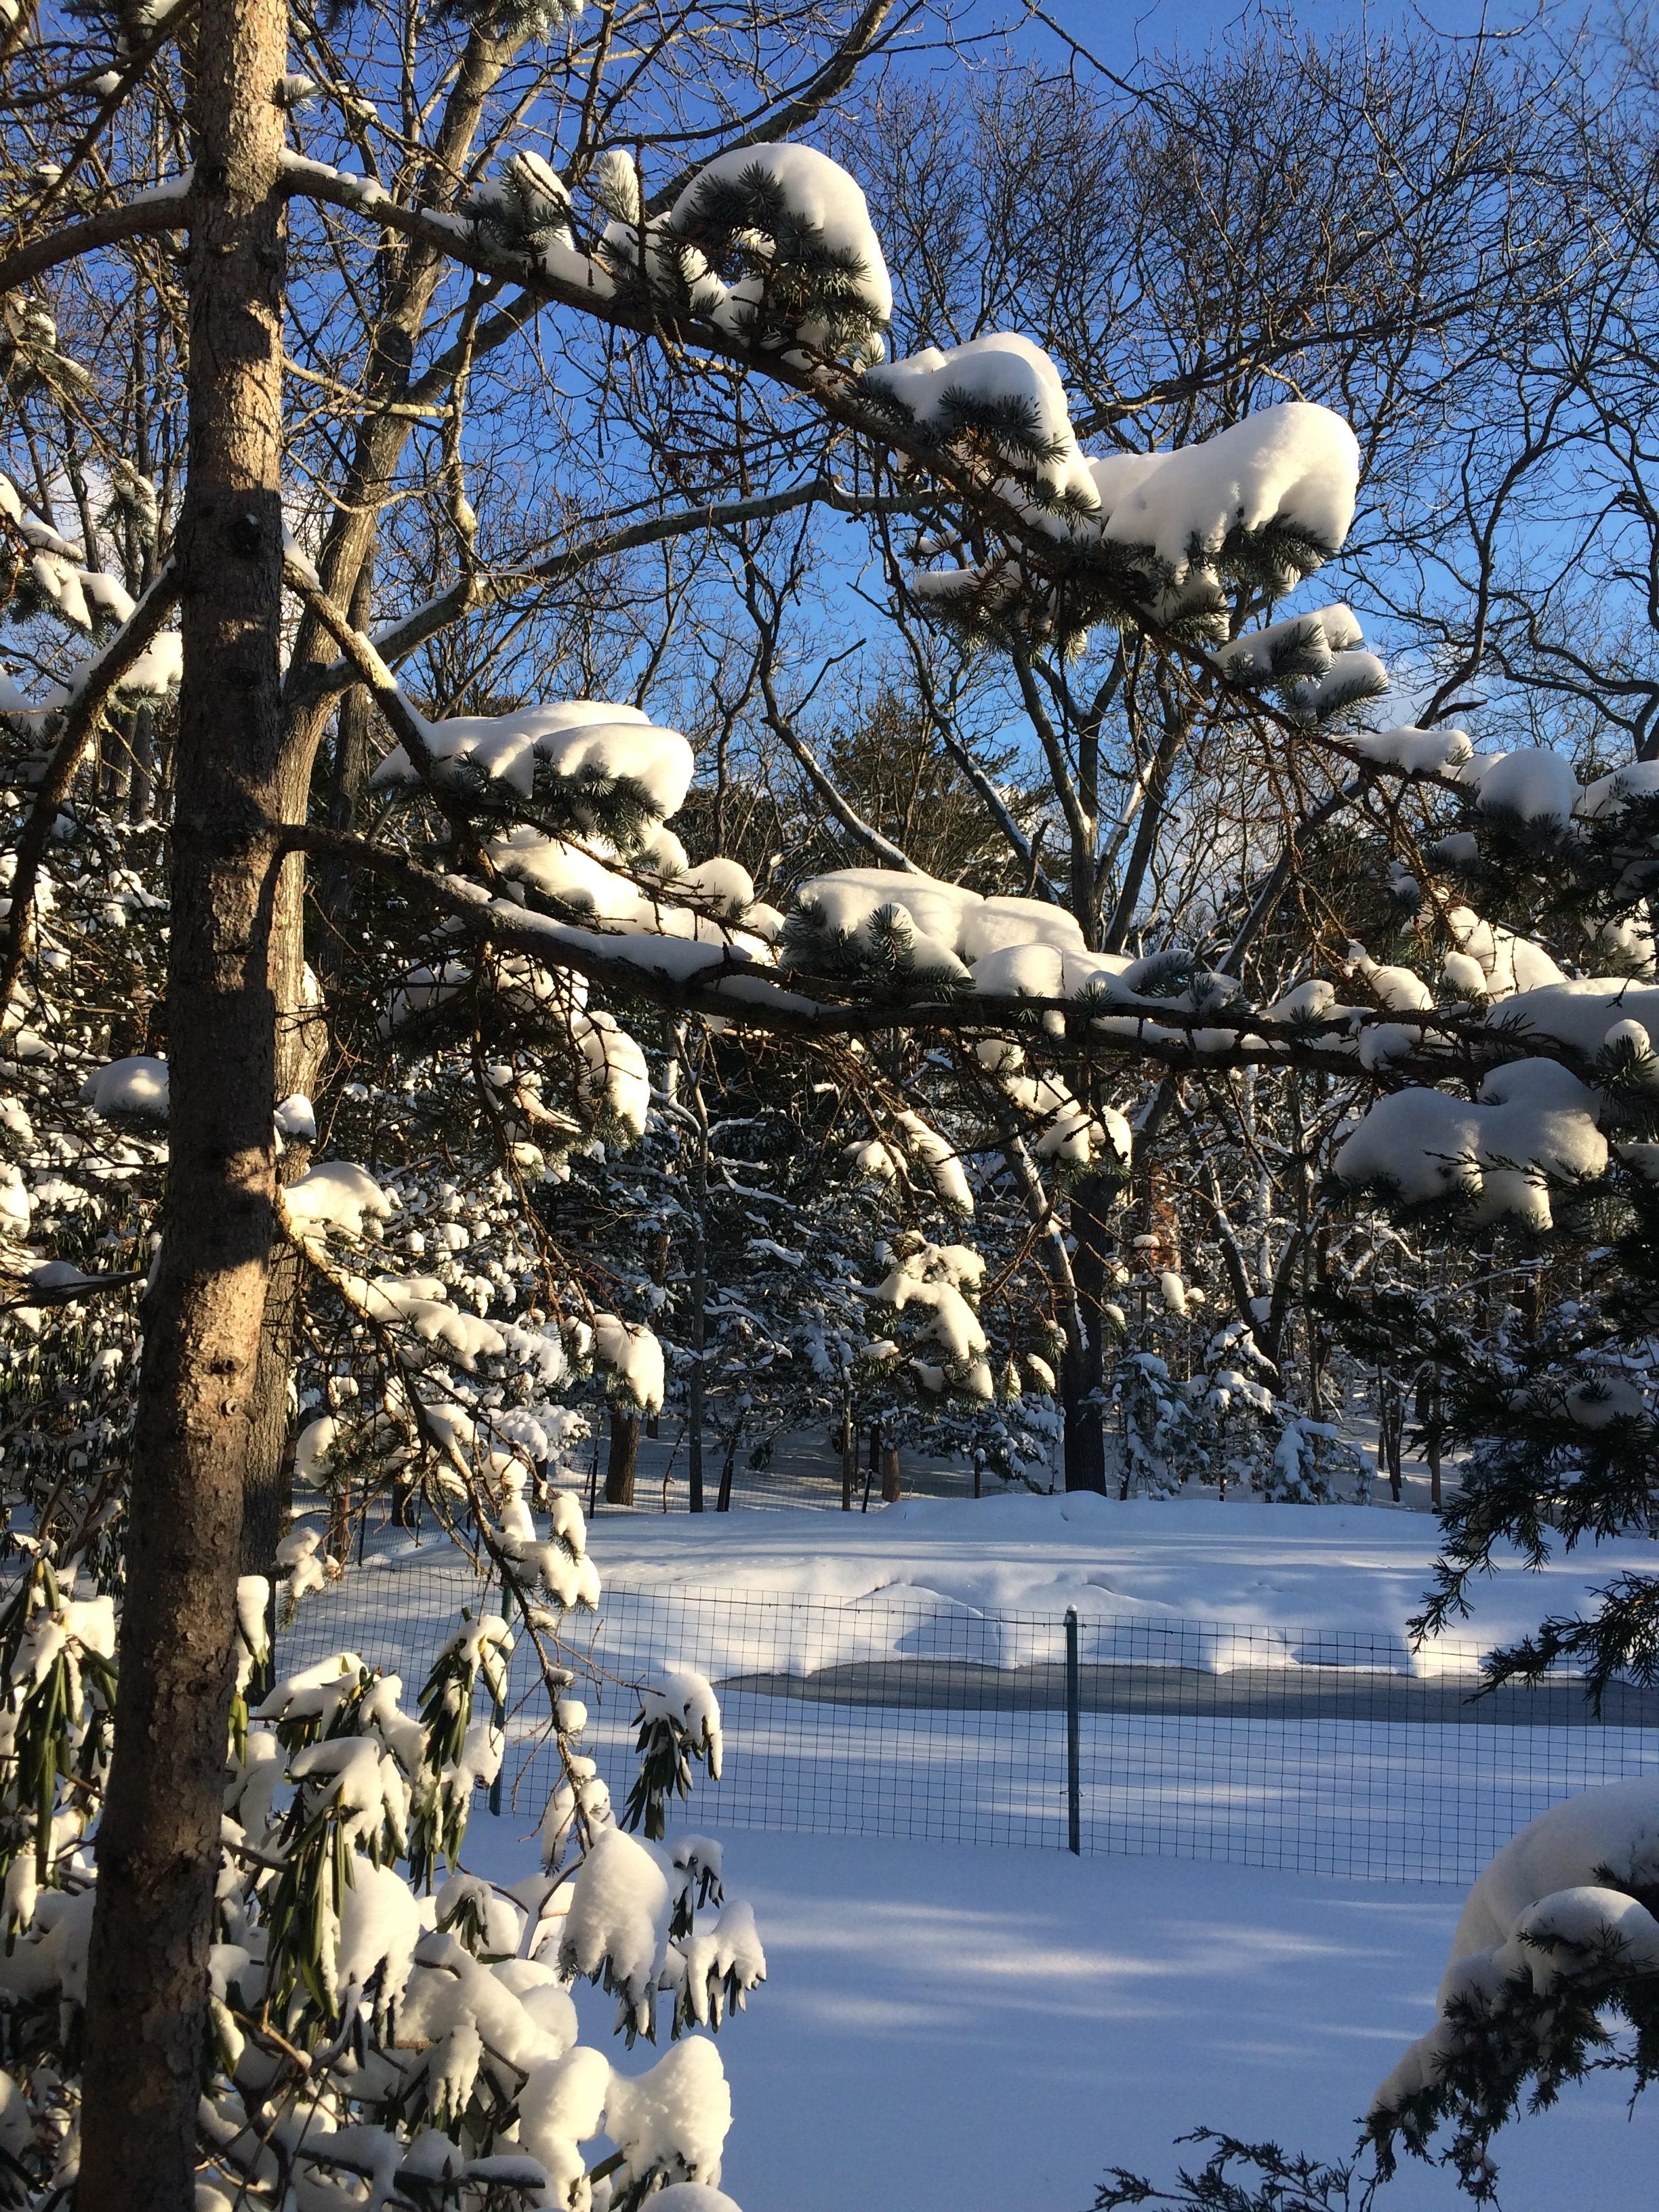 A winter wonderland when it snows.